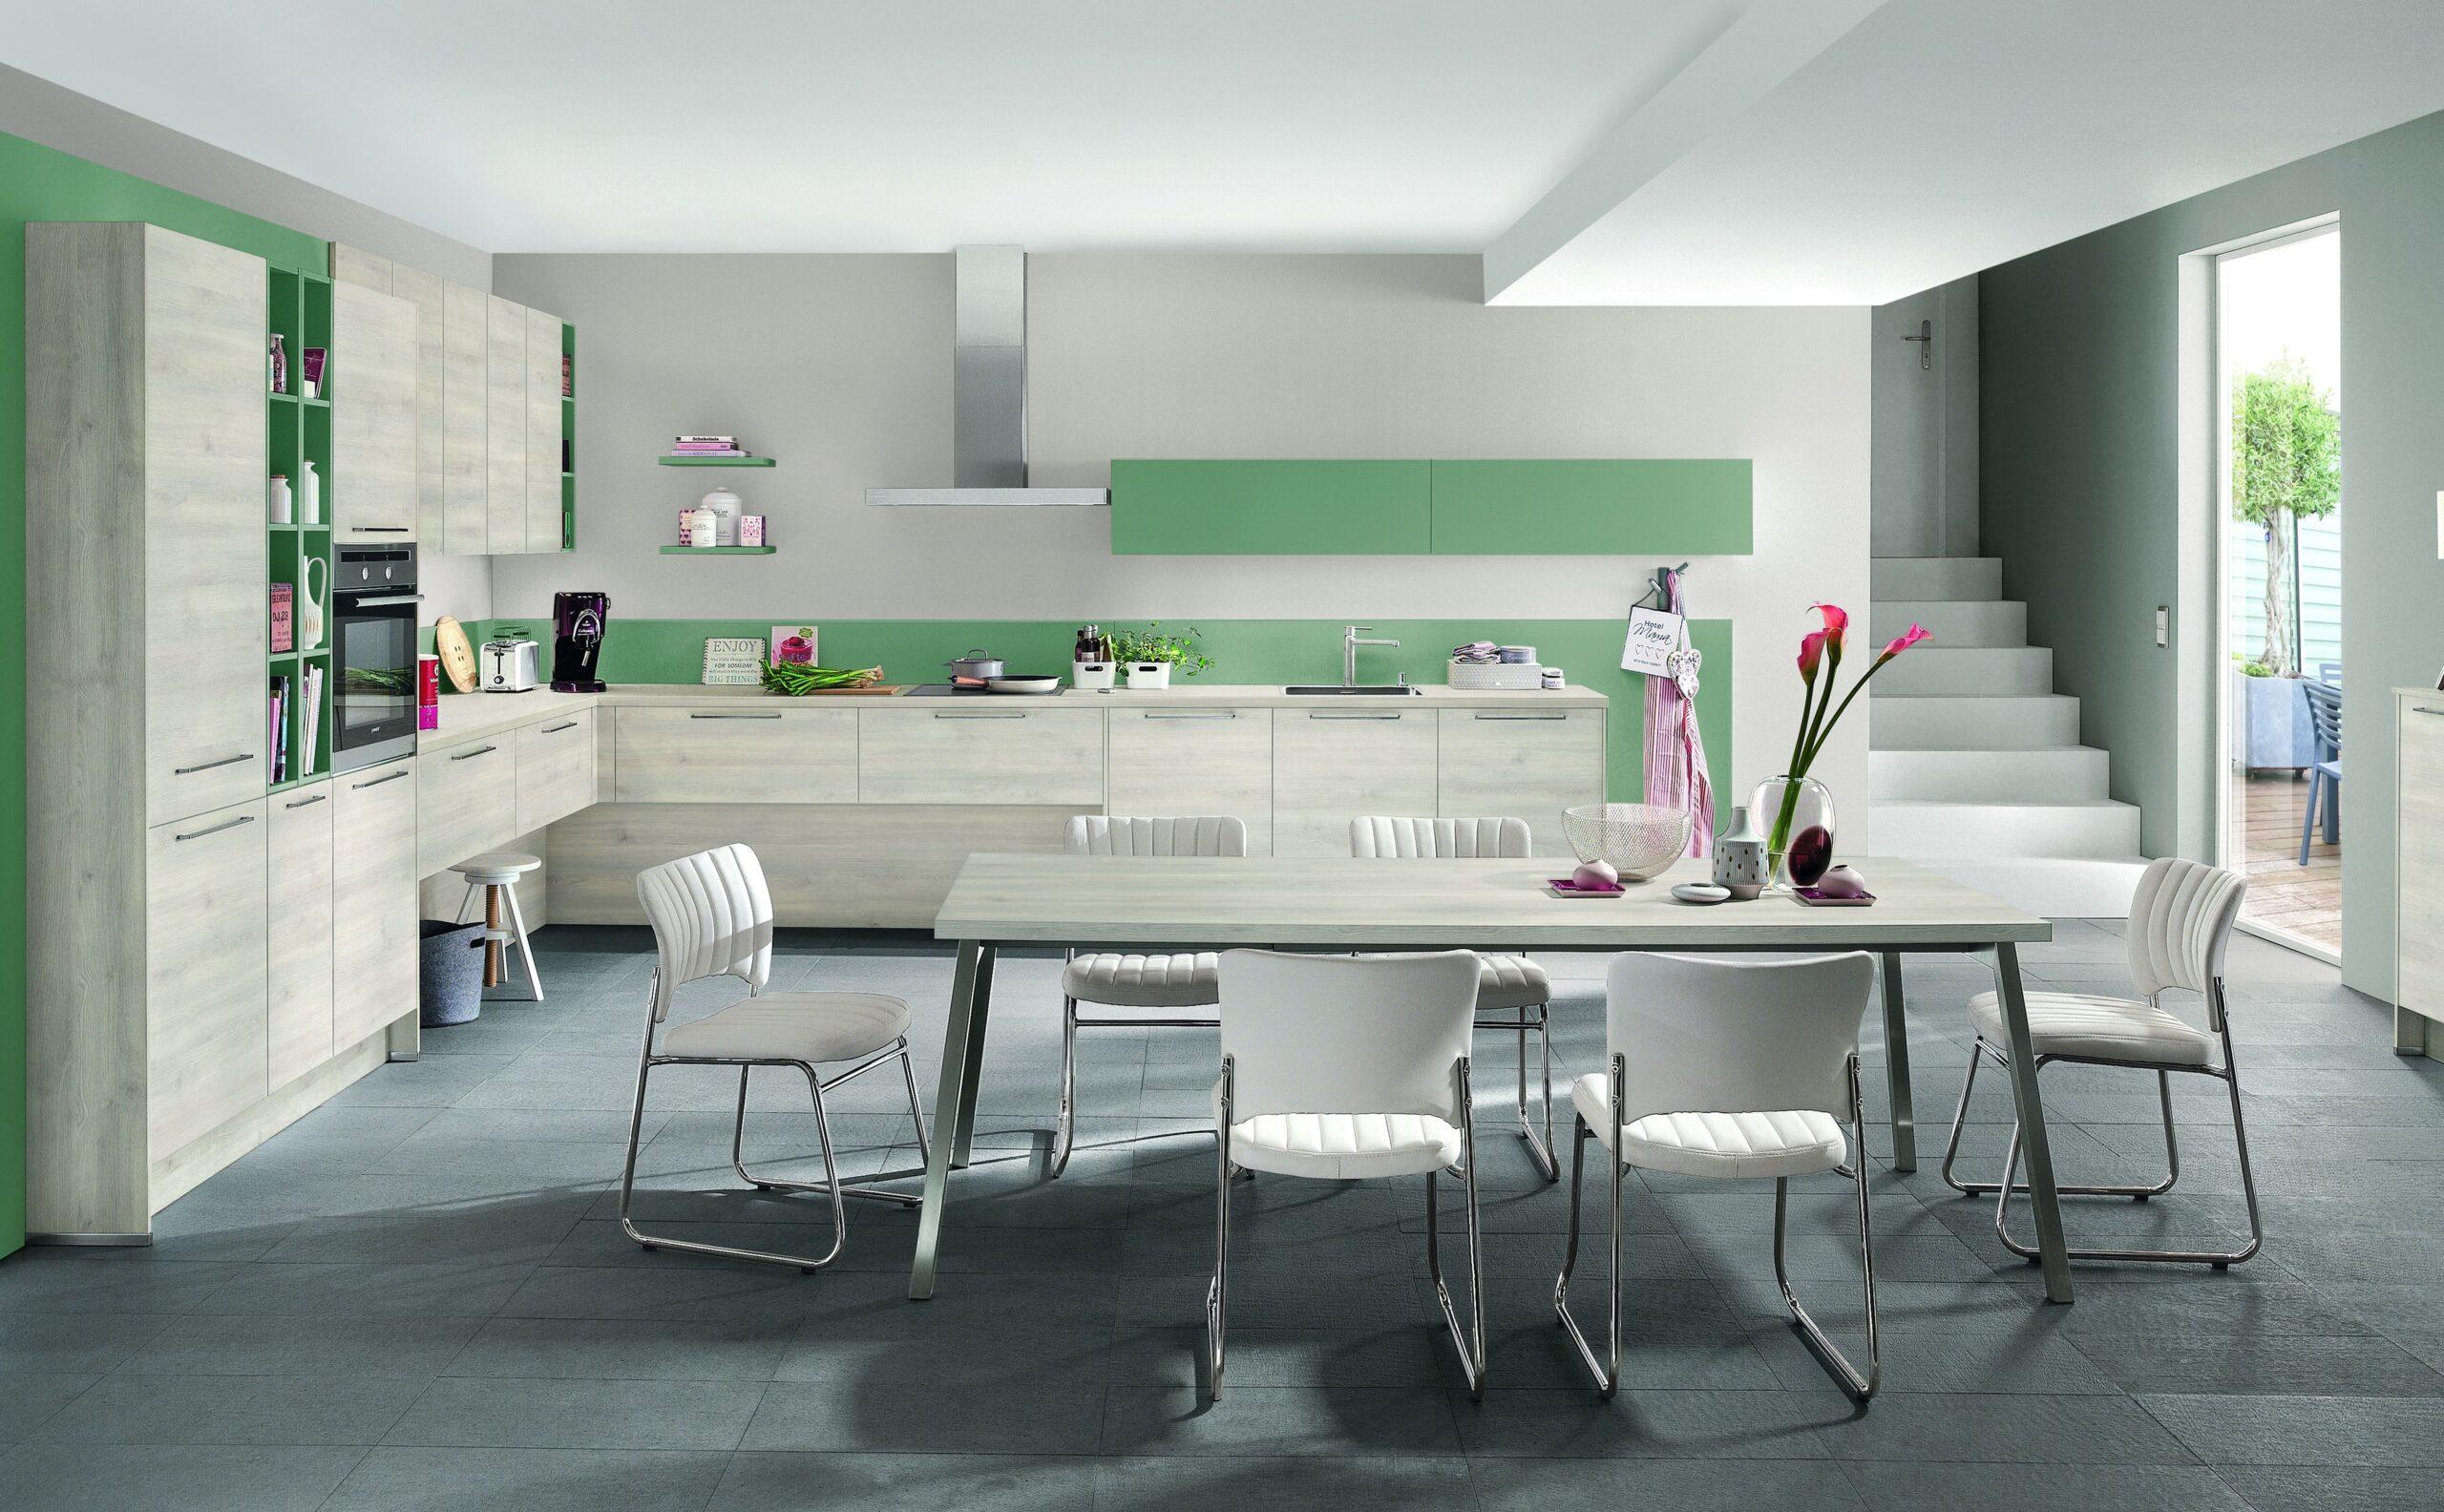 Full Size of Möbelix Küchen Offene Kchen Planen Tipps Regal Wohnzimmer Möbelix Küchen